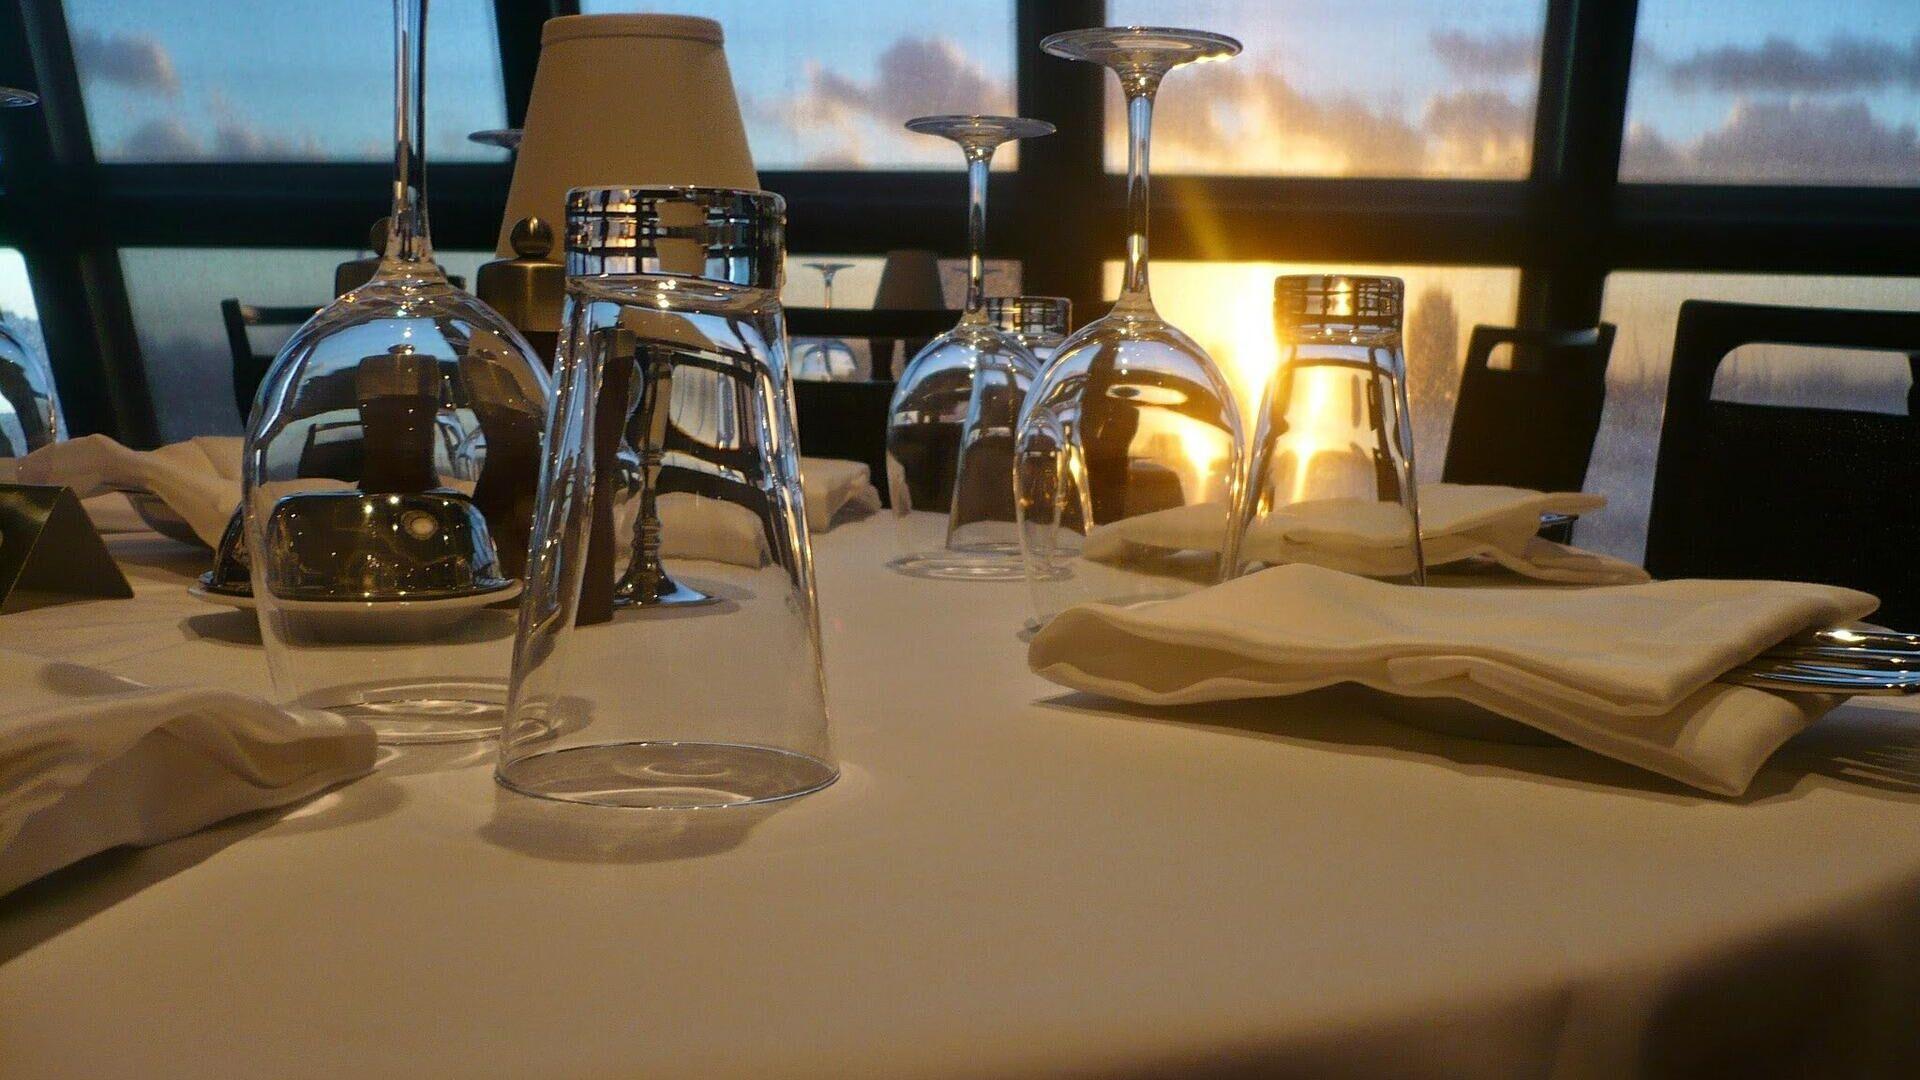 La mesa de un restaurante. Imagen referencial - Sputnik Mundo, 1920, 28.05.2021